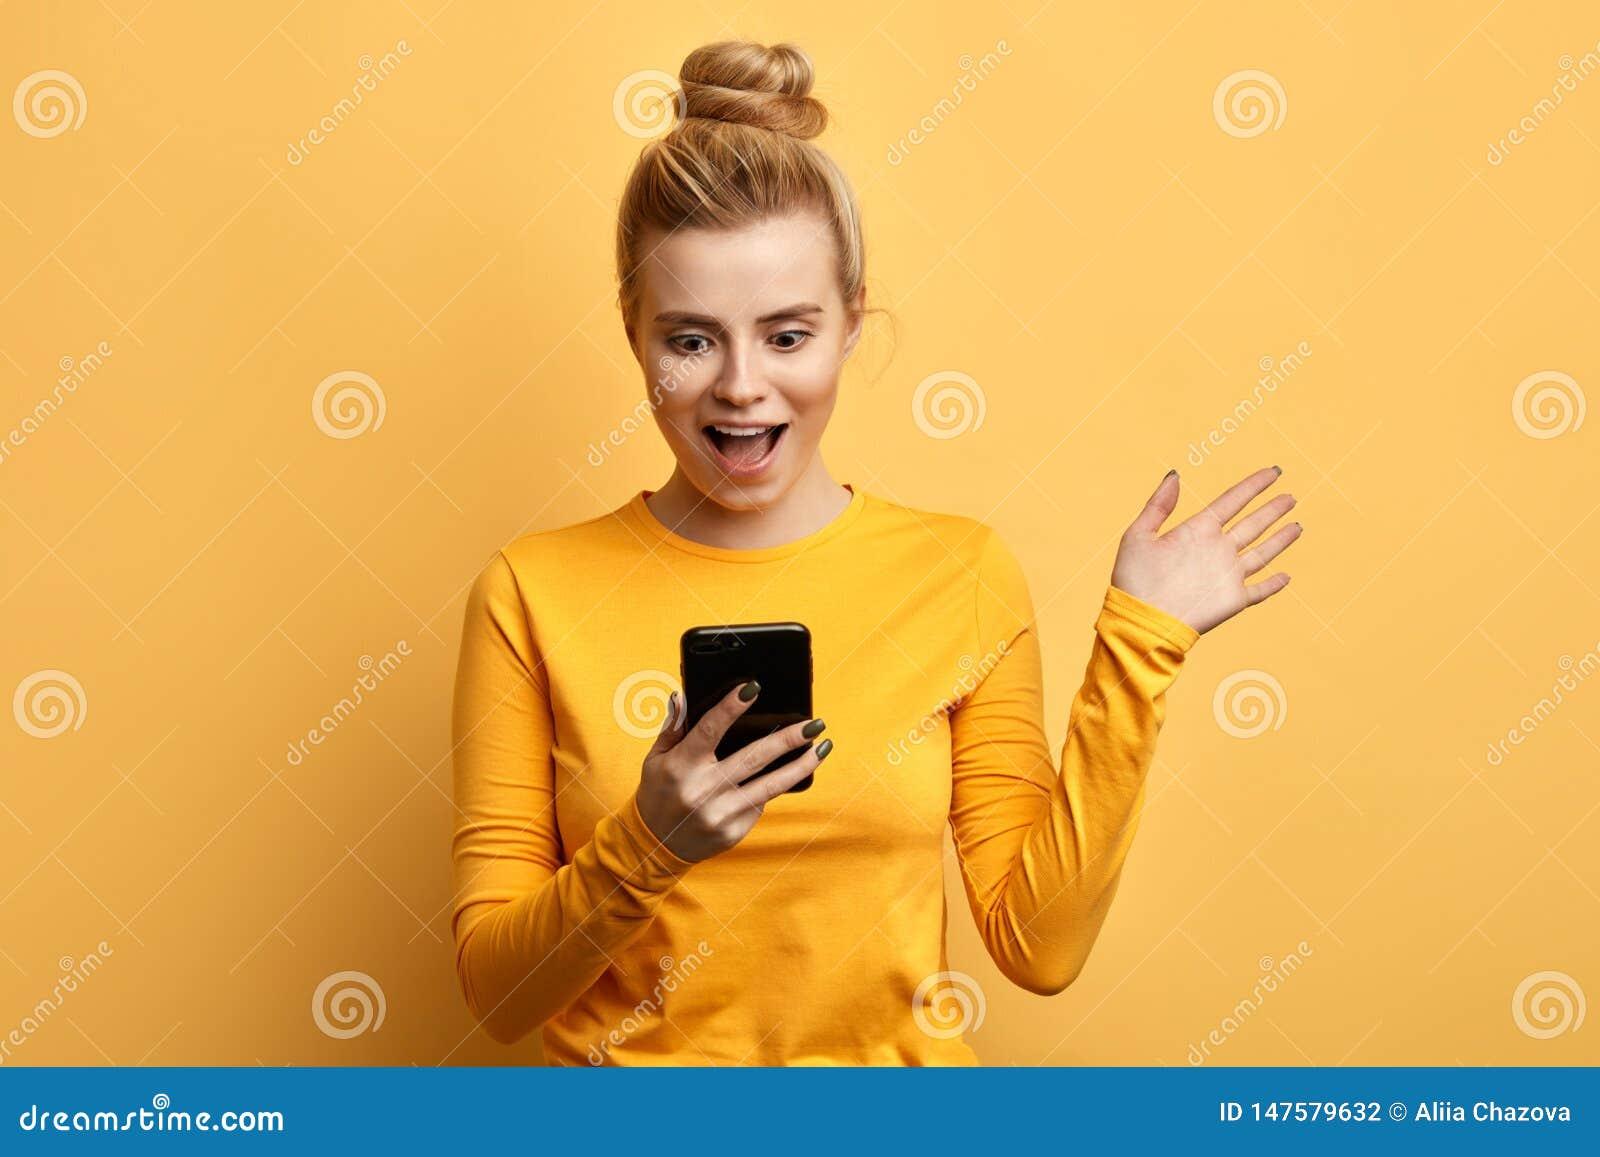 Entsetztes junges emotionales Mädchen, das Handy betrachtet